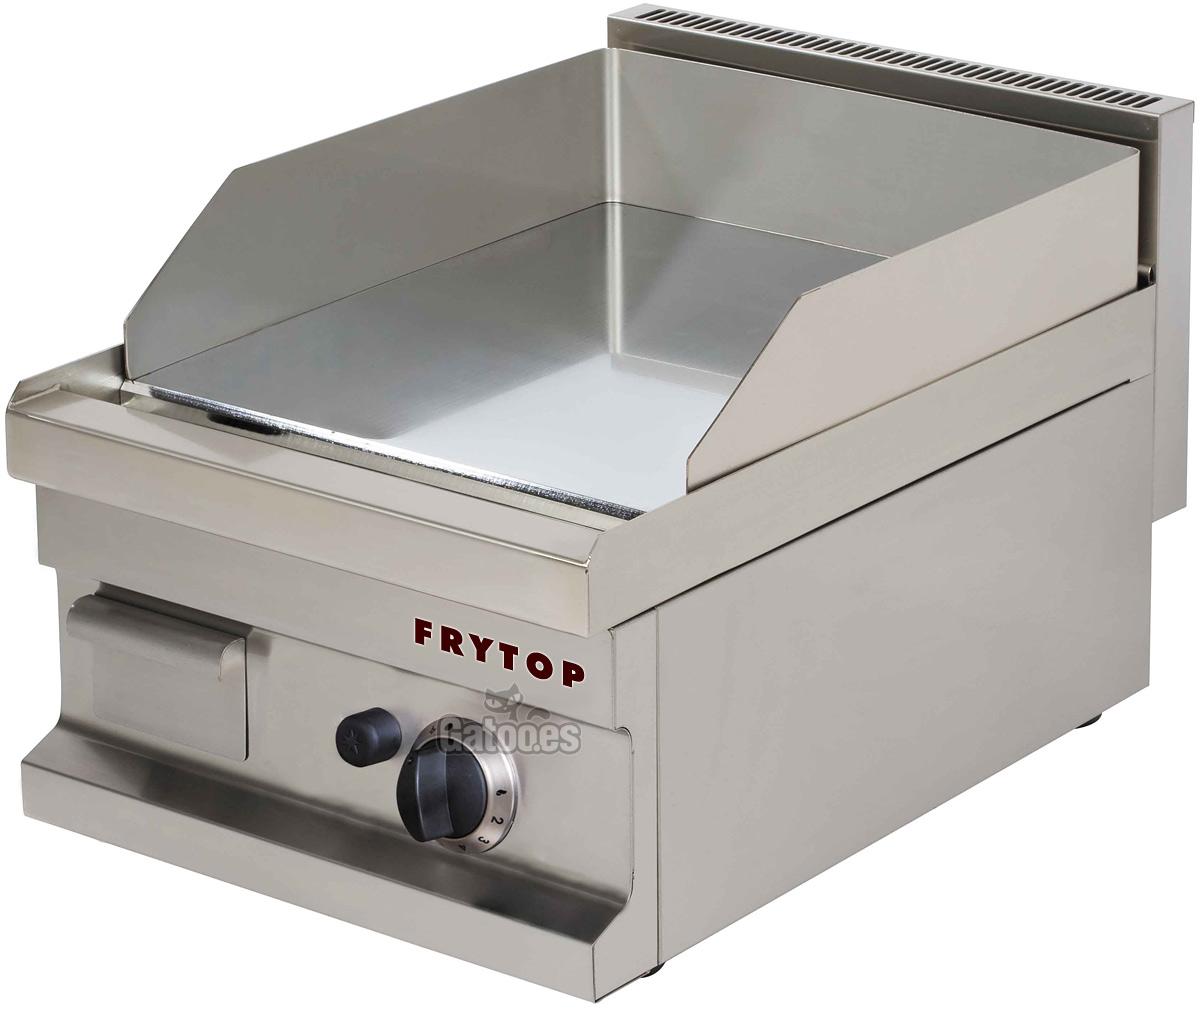 Fry Top Eléctrico Plancha Grill Profesional Placa Lisa Cocina 55 Cm 1 X 3 0 Kw